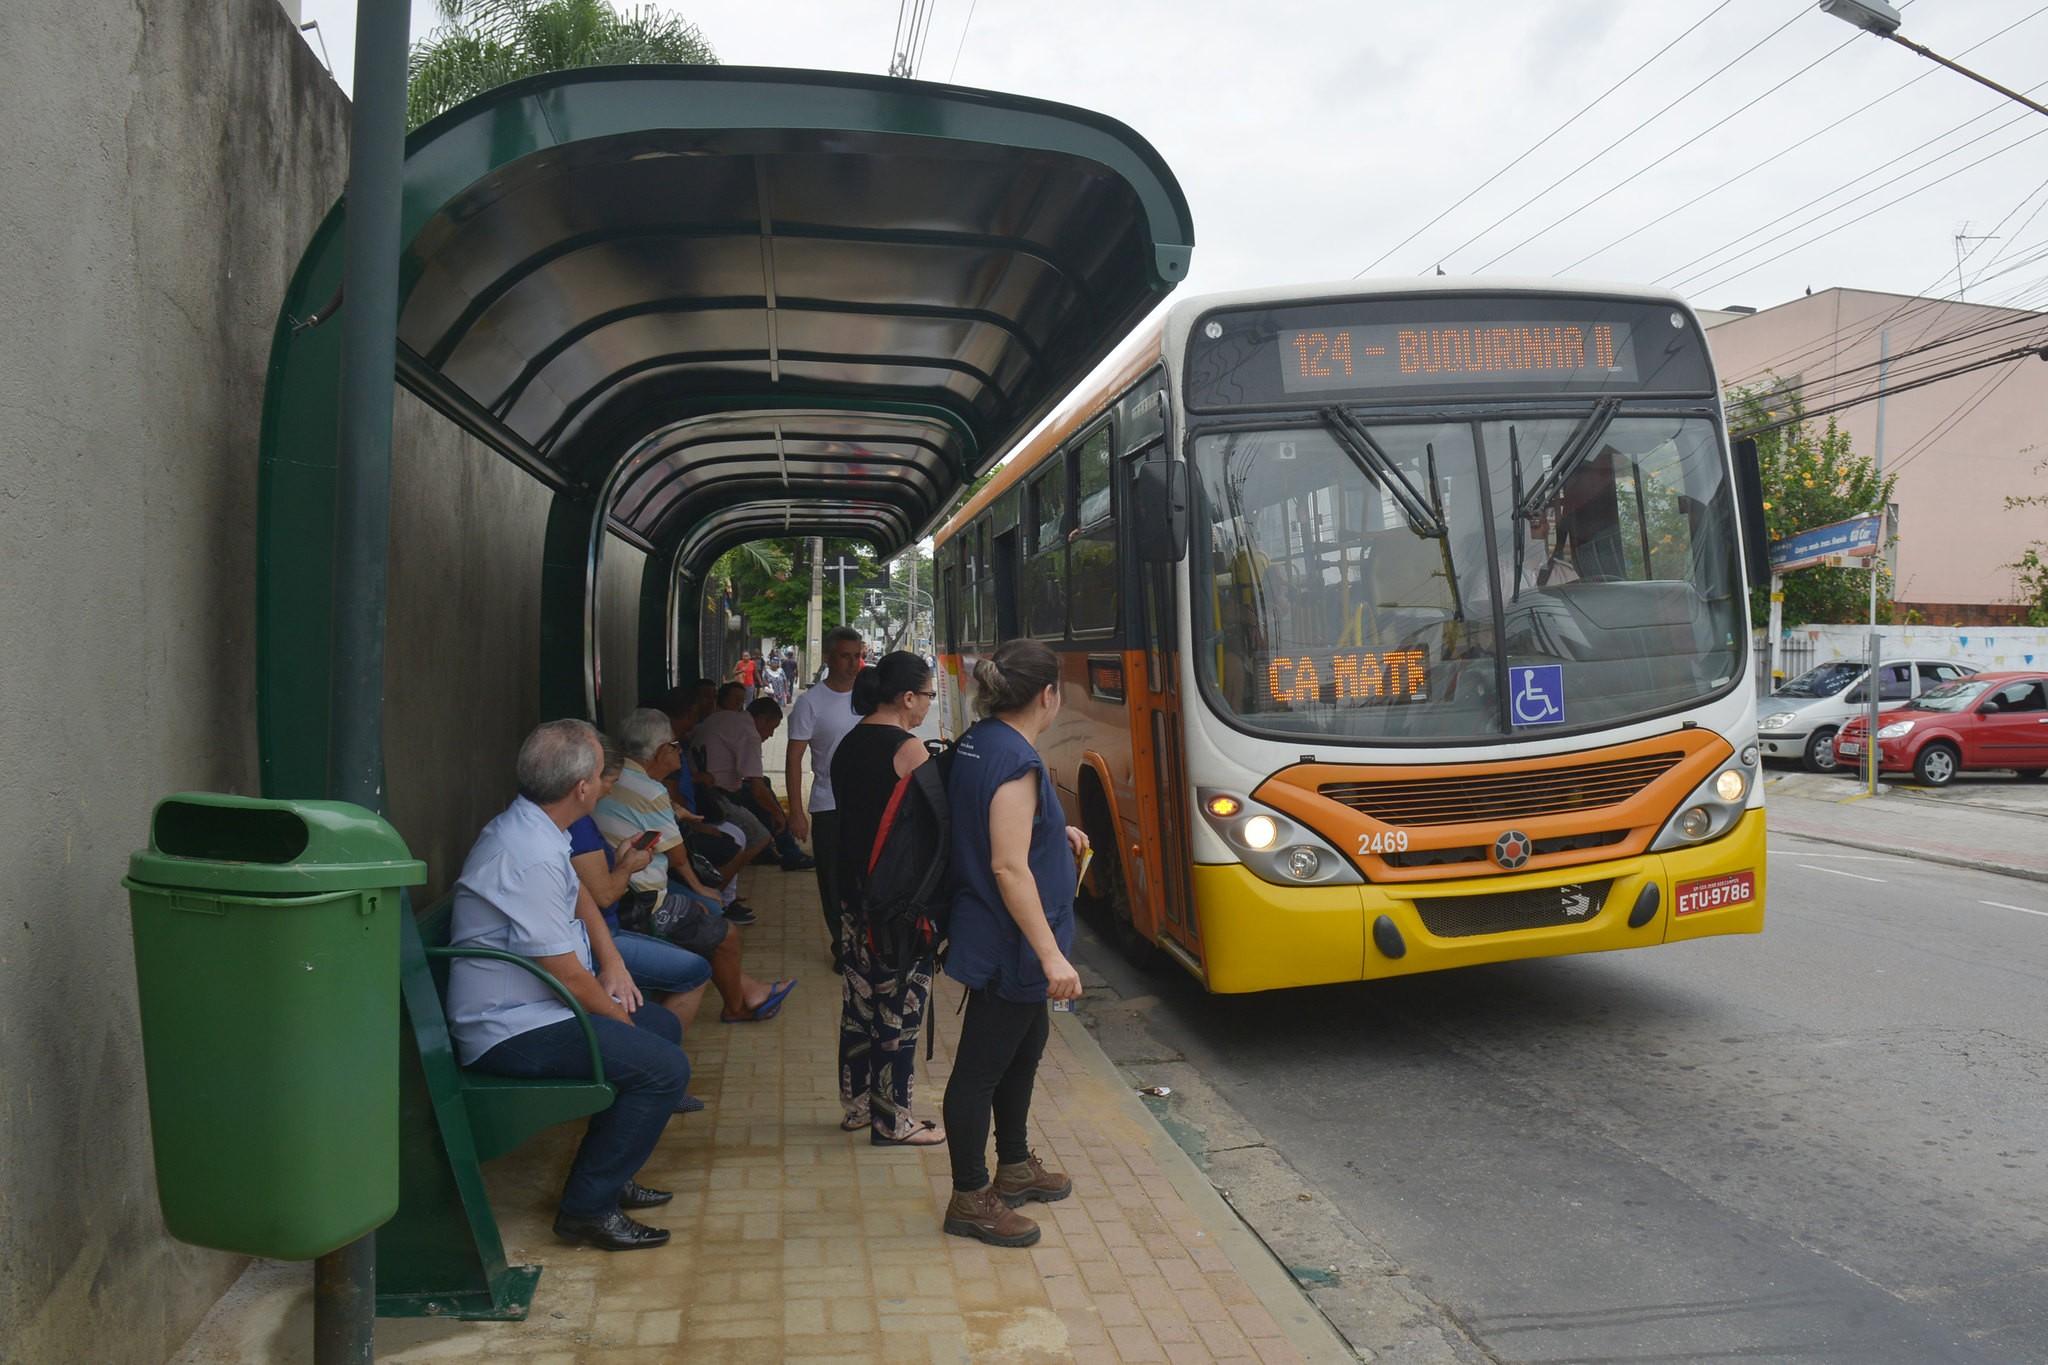 Edital de nova concessão do transporte público prevê fim de pagamento em dinheiro em São José